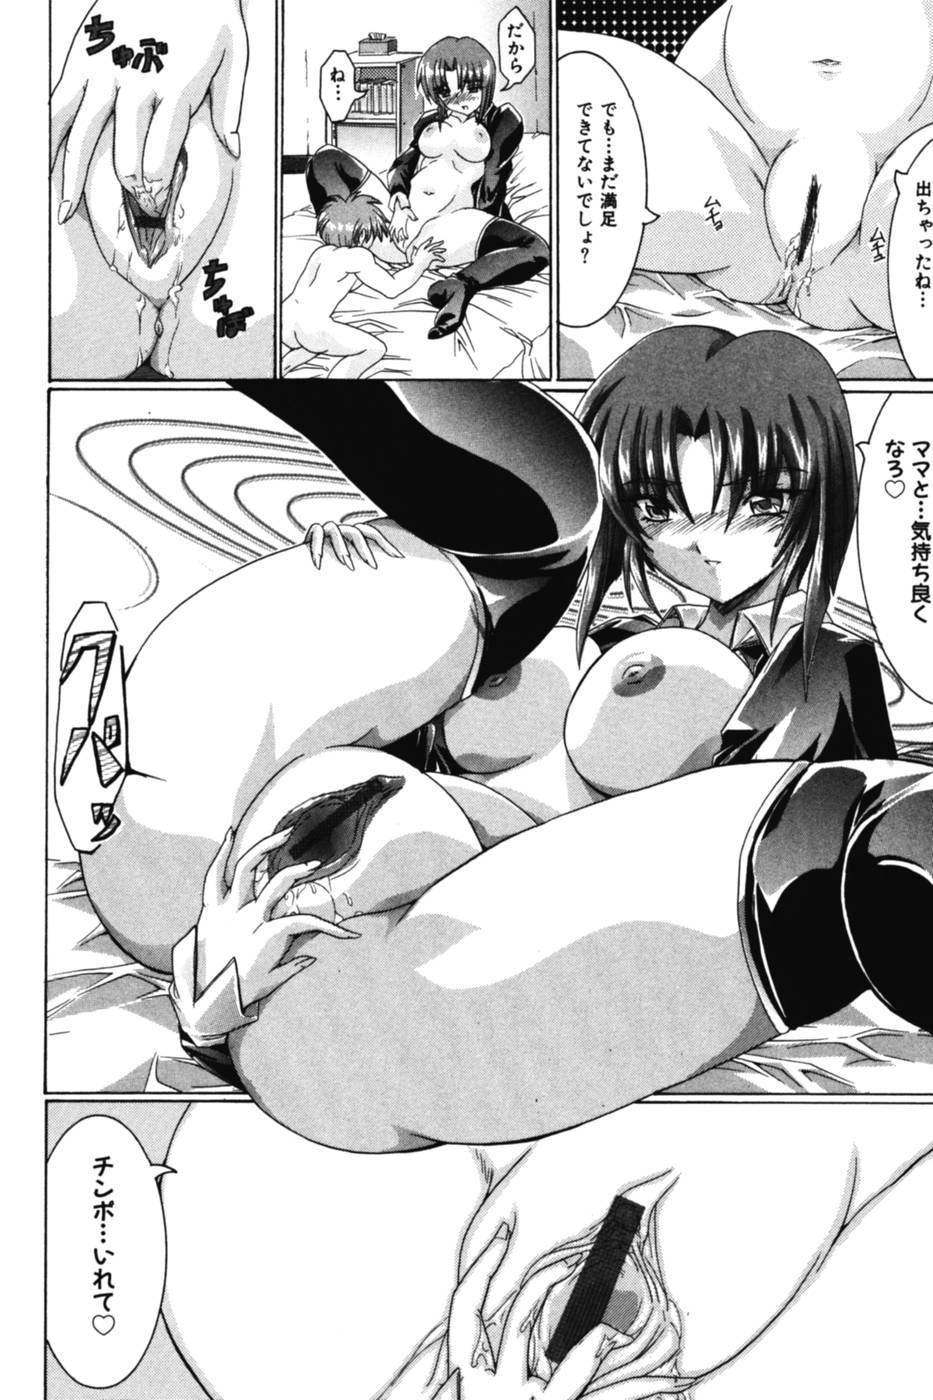 Onee-sama no Yuuwaku 59